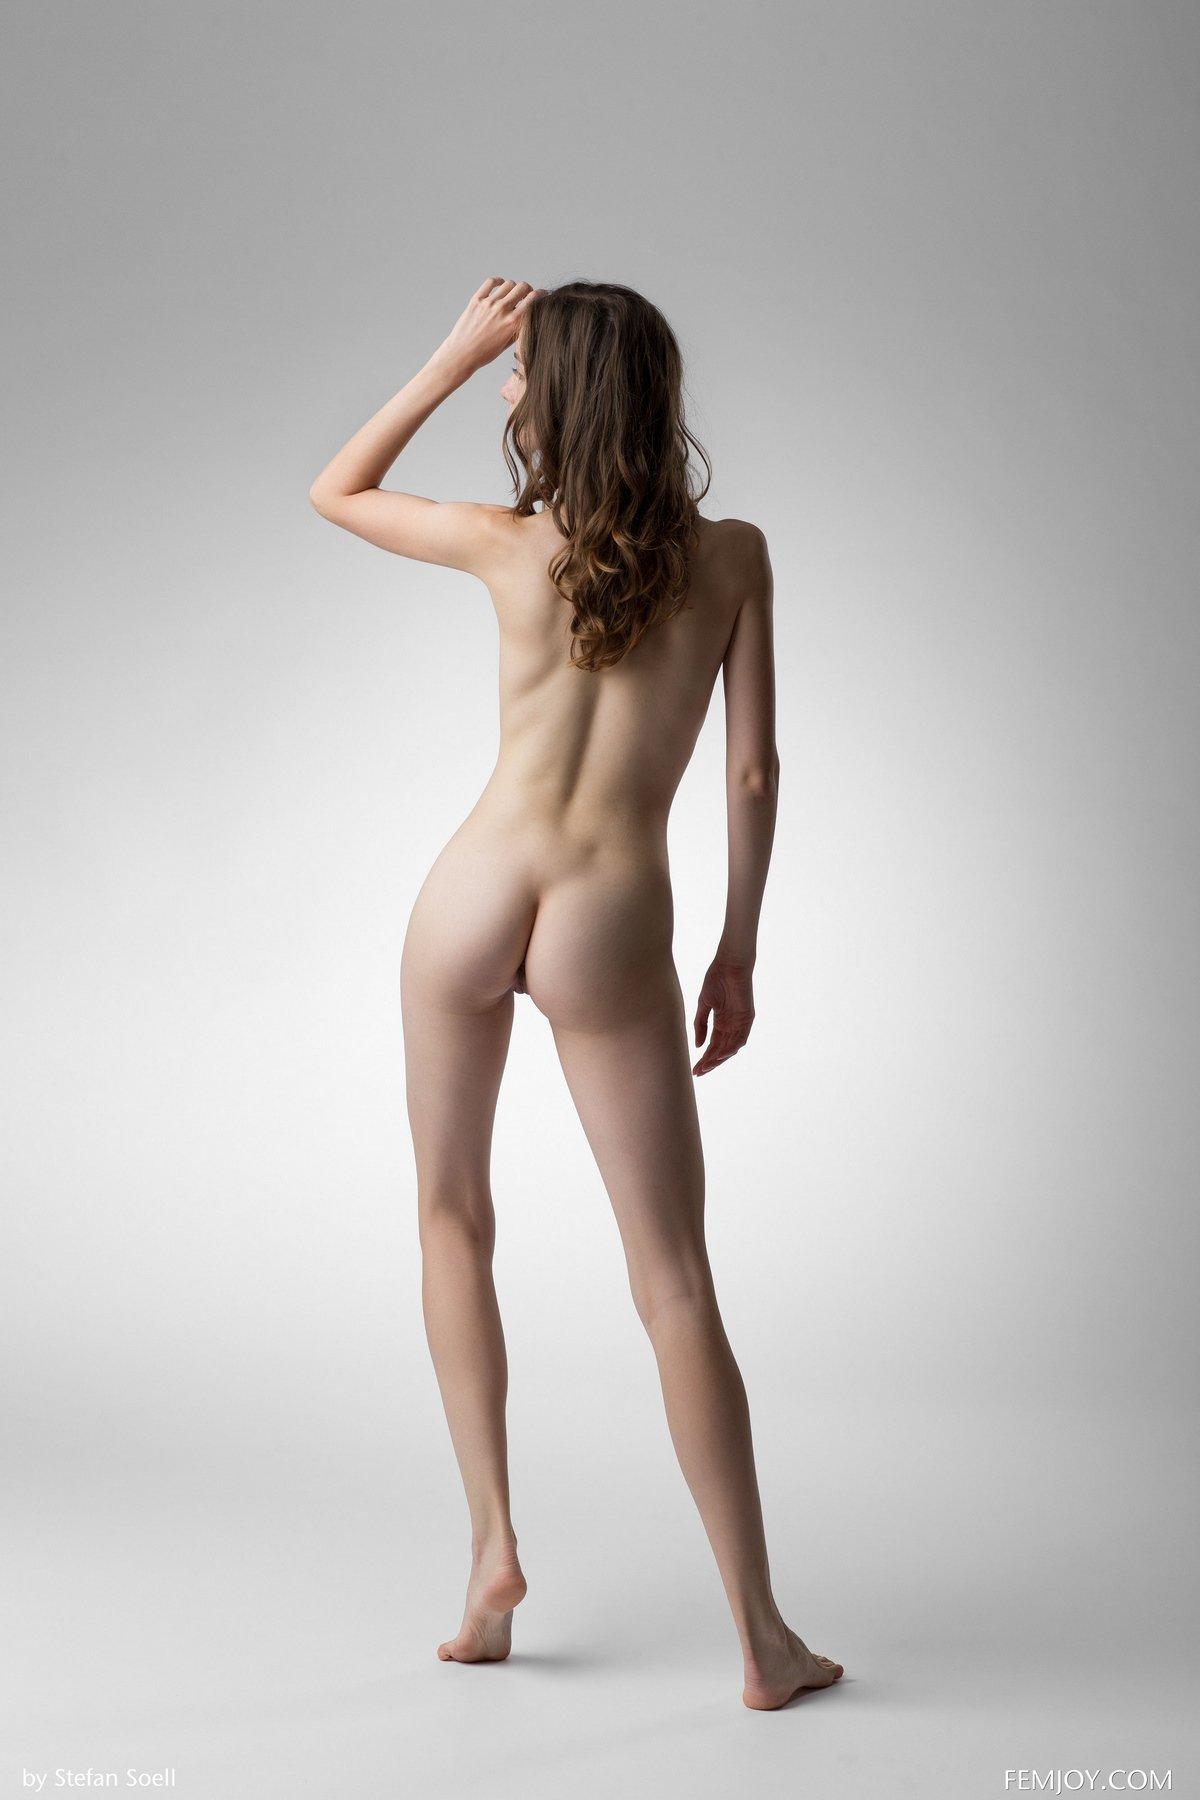 Красивая шатенка обнажила красивая грудь в студии секс фото